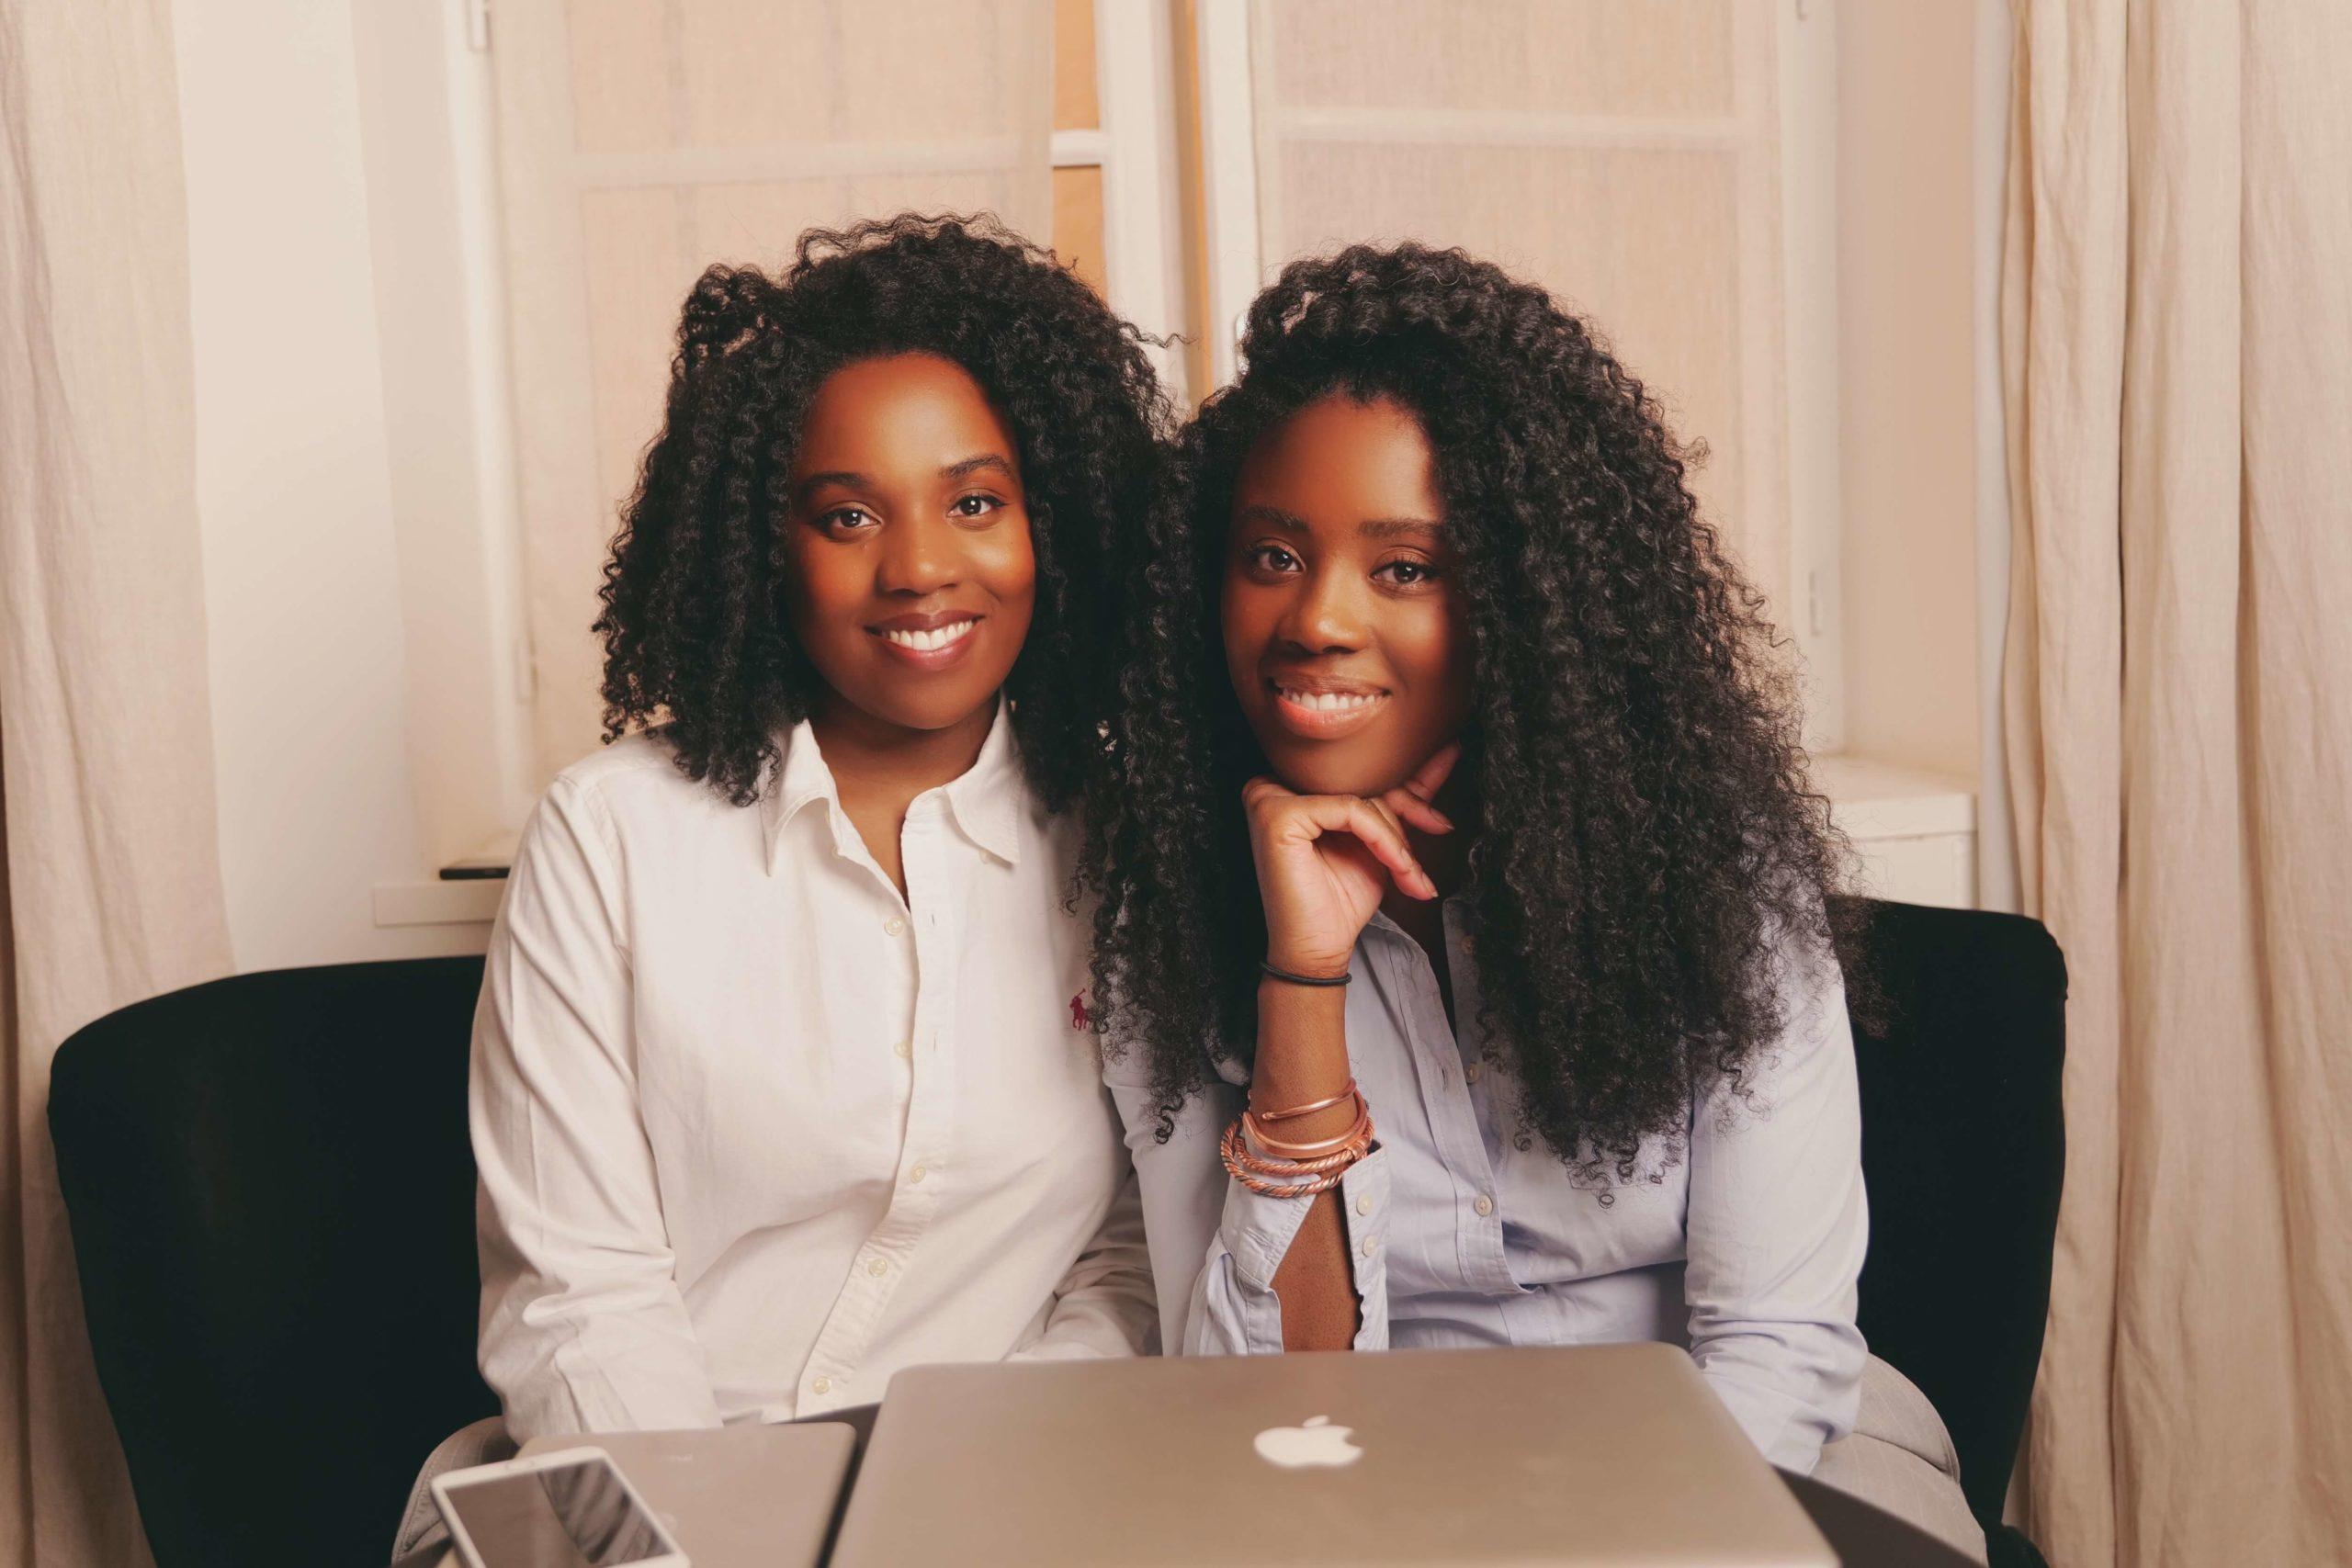 Transition capillaire :  « ELLE EBENE », deux sœurs congolaises à l'honneur en France